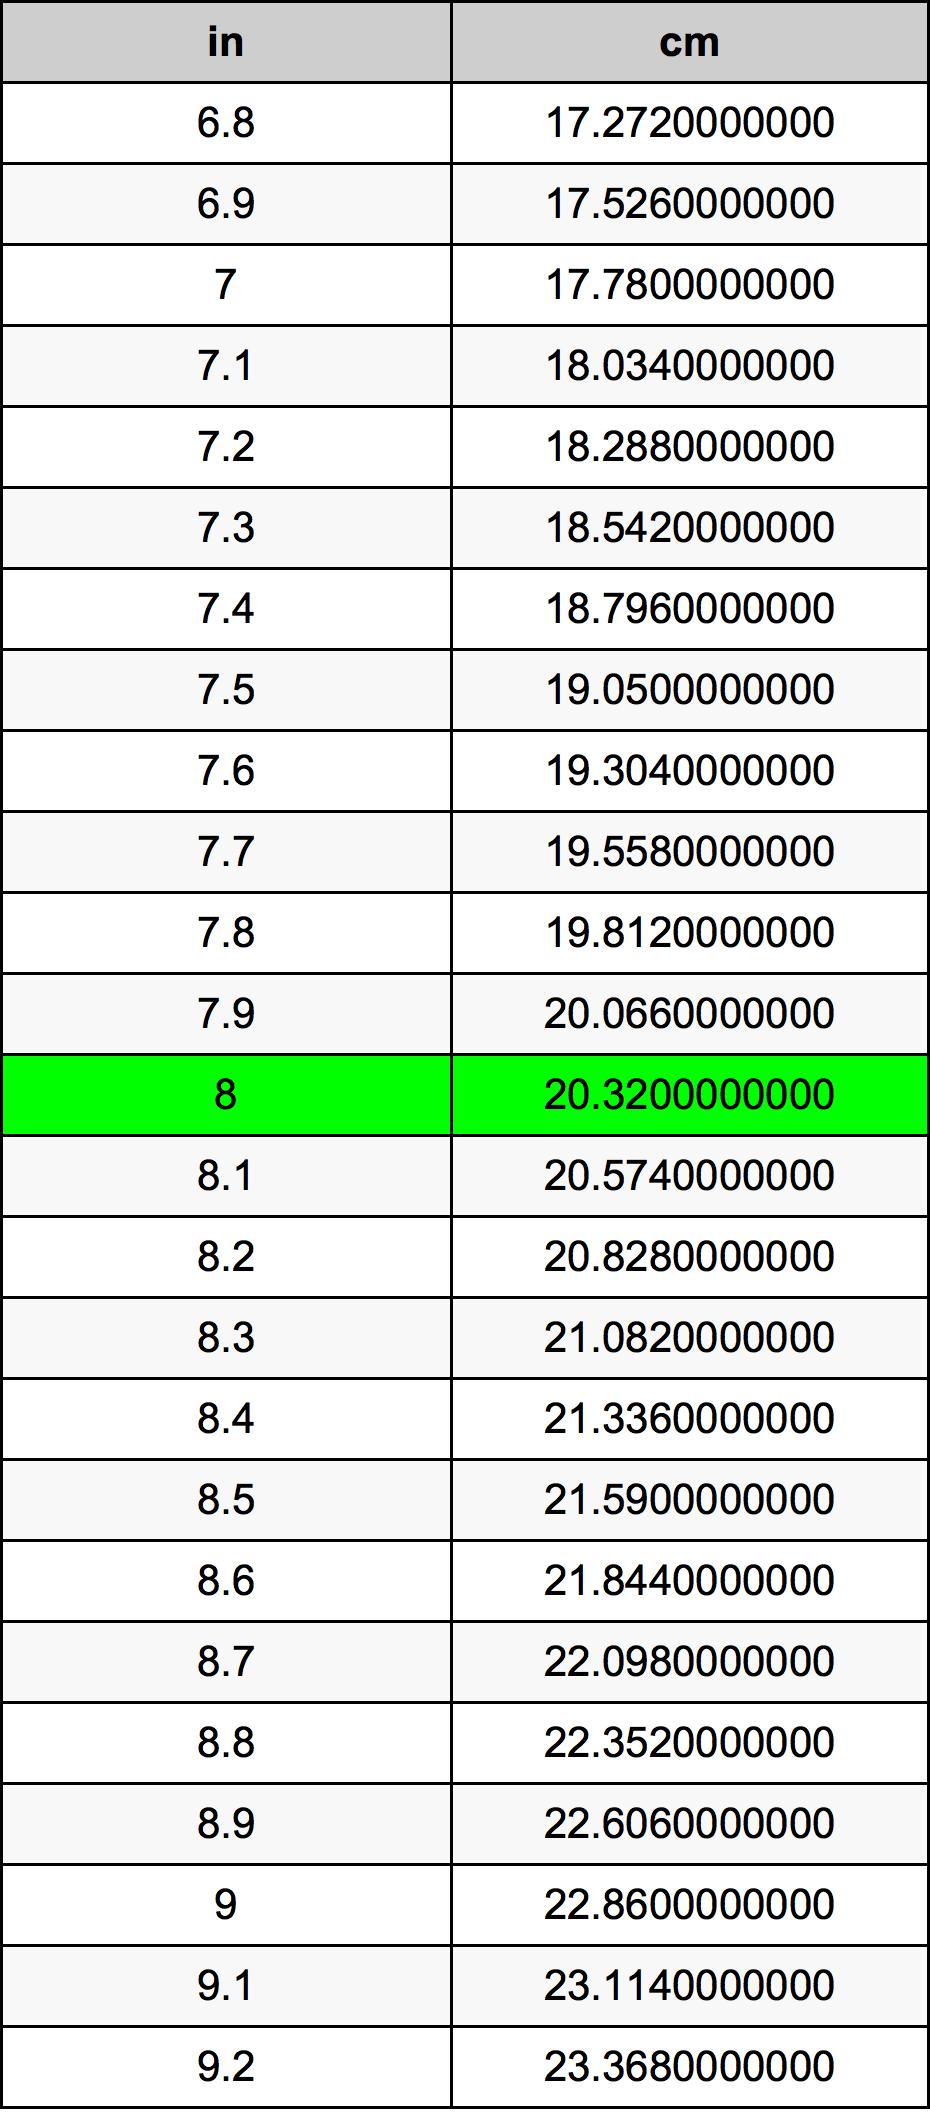 8 Zoll In Zentimeter Einheitenumrechner 8 In In Cm Einheitenumrechner